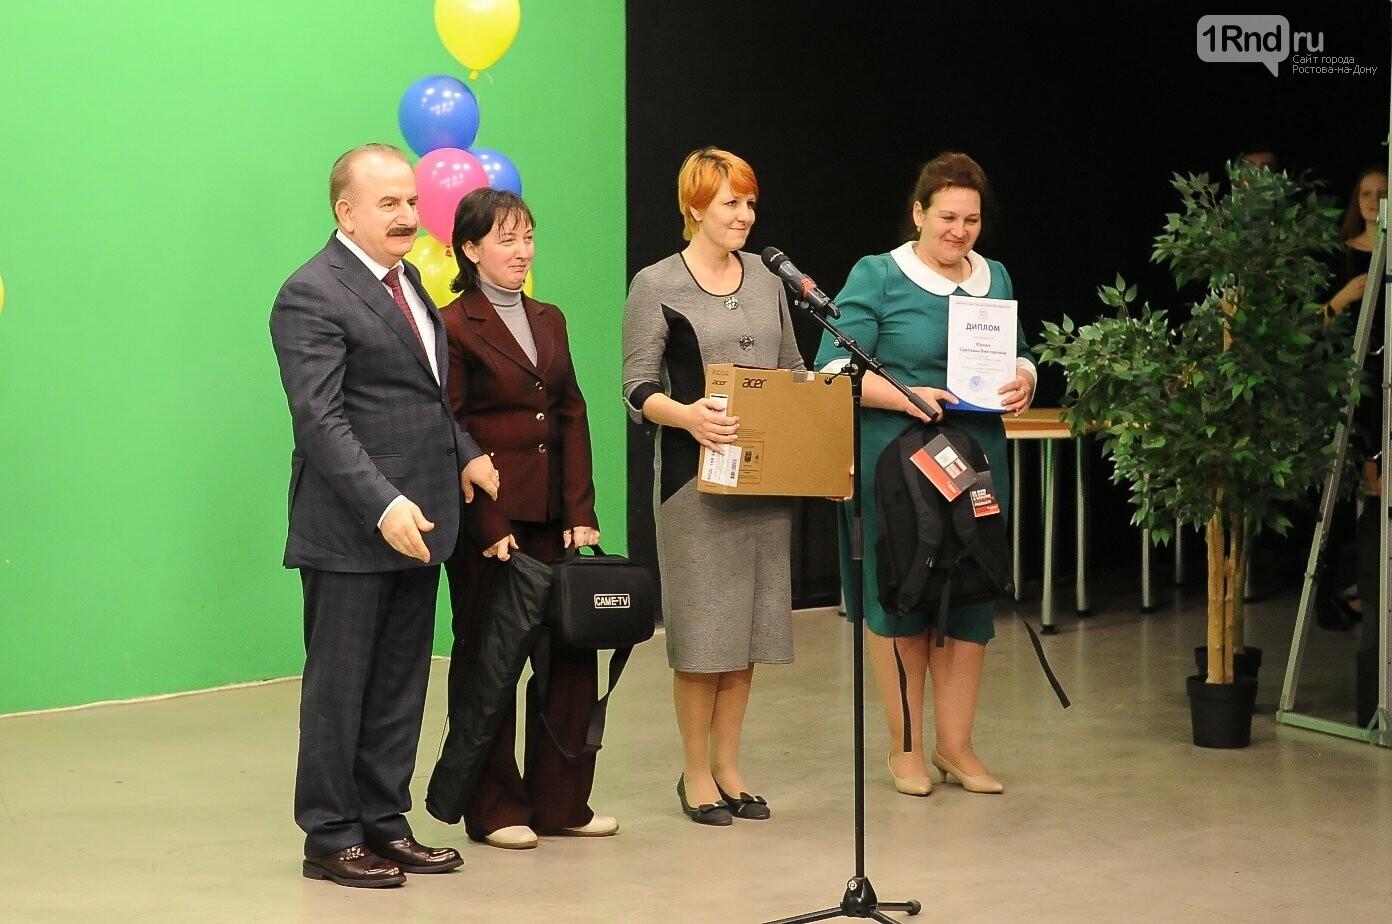 В Ростове назвали авторов лучших школьных медиапроектов, фото-2, Фото: предоставлено ДГТУ